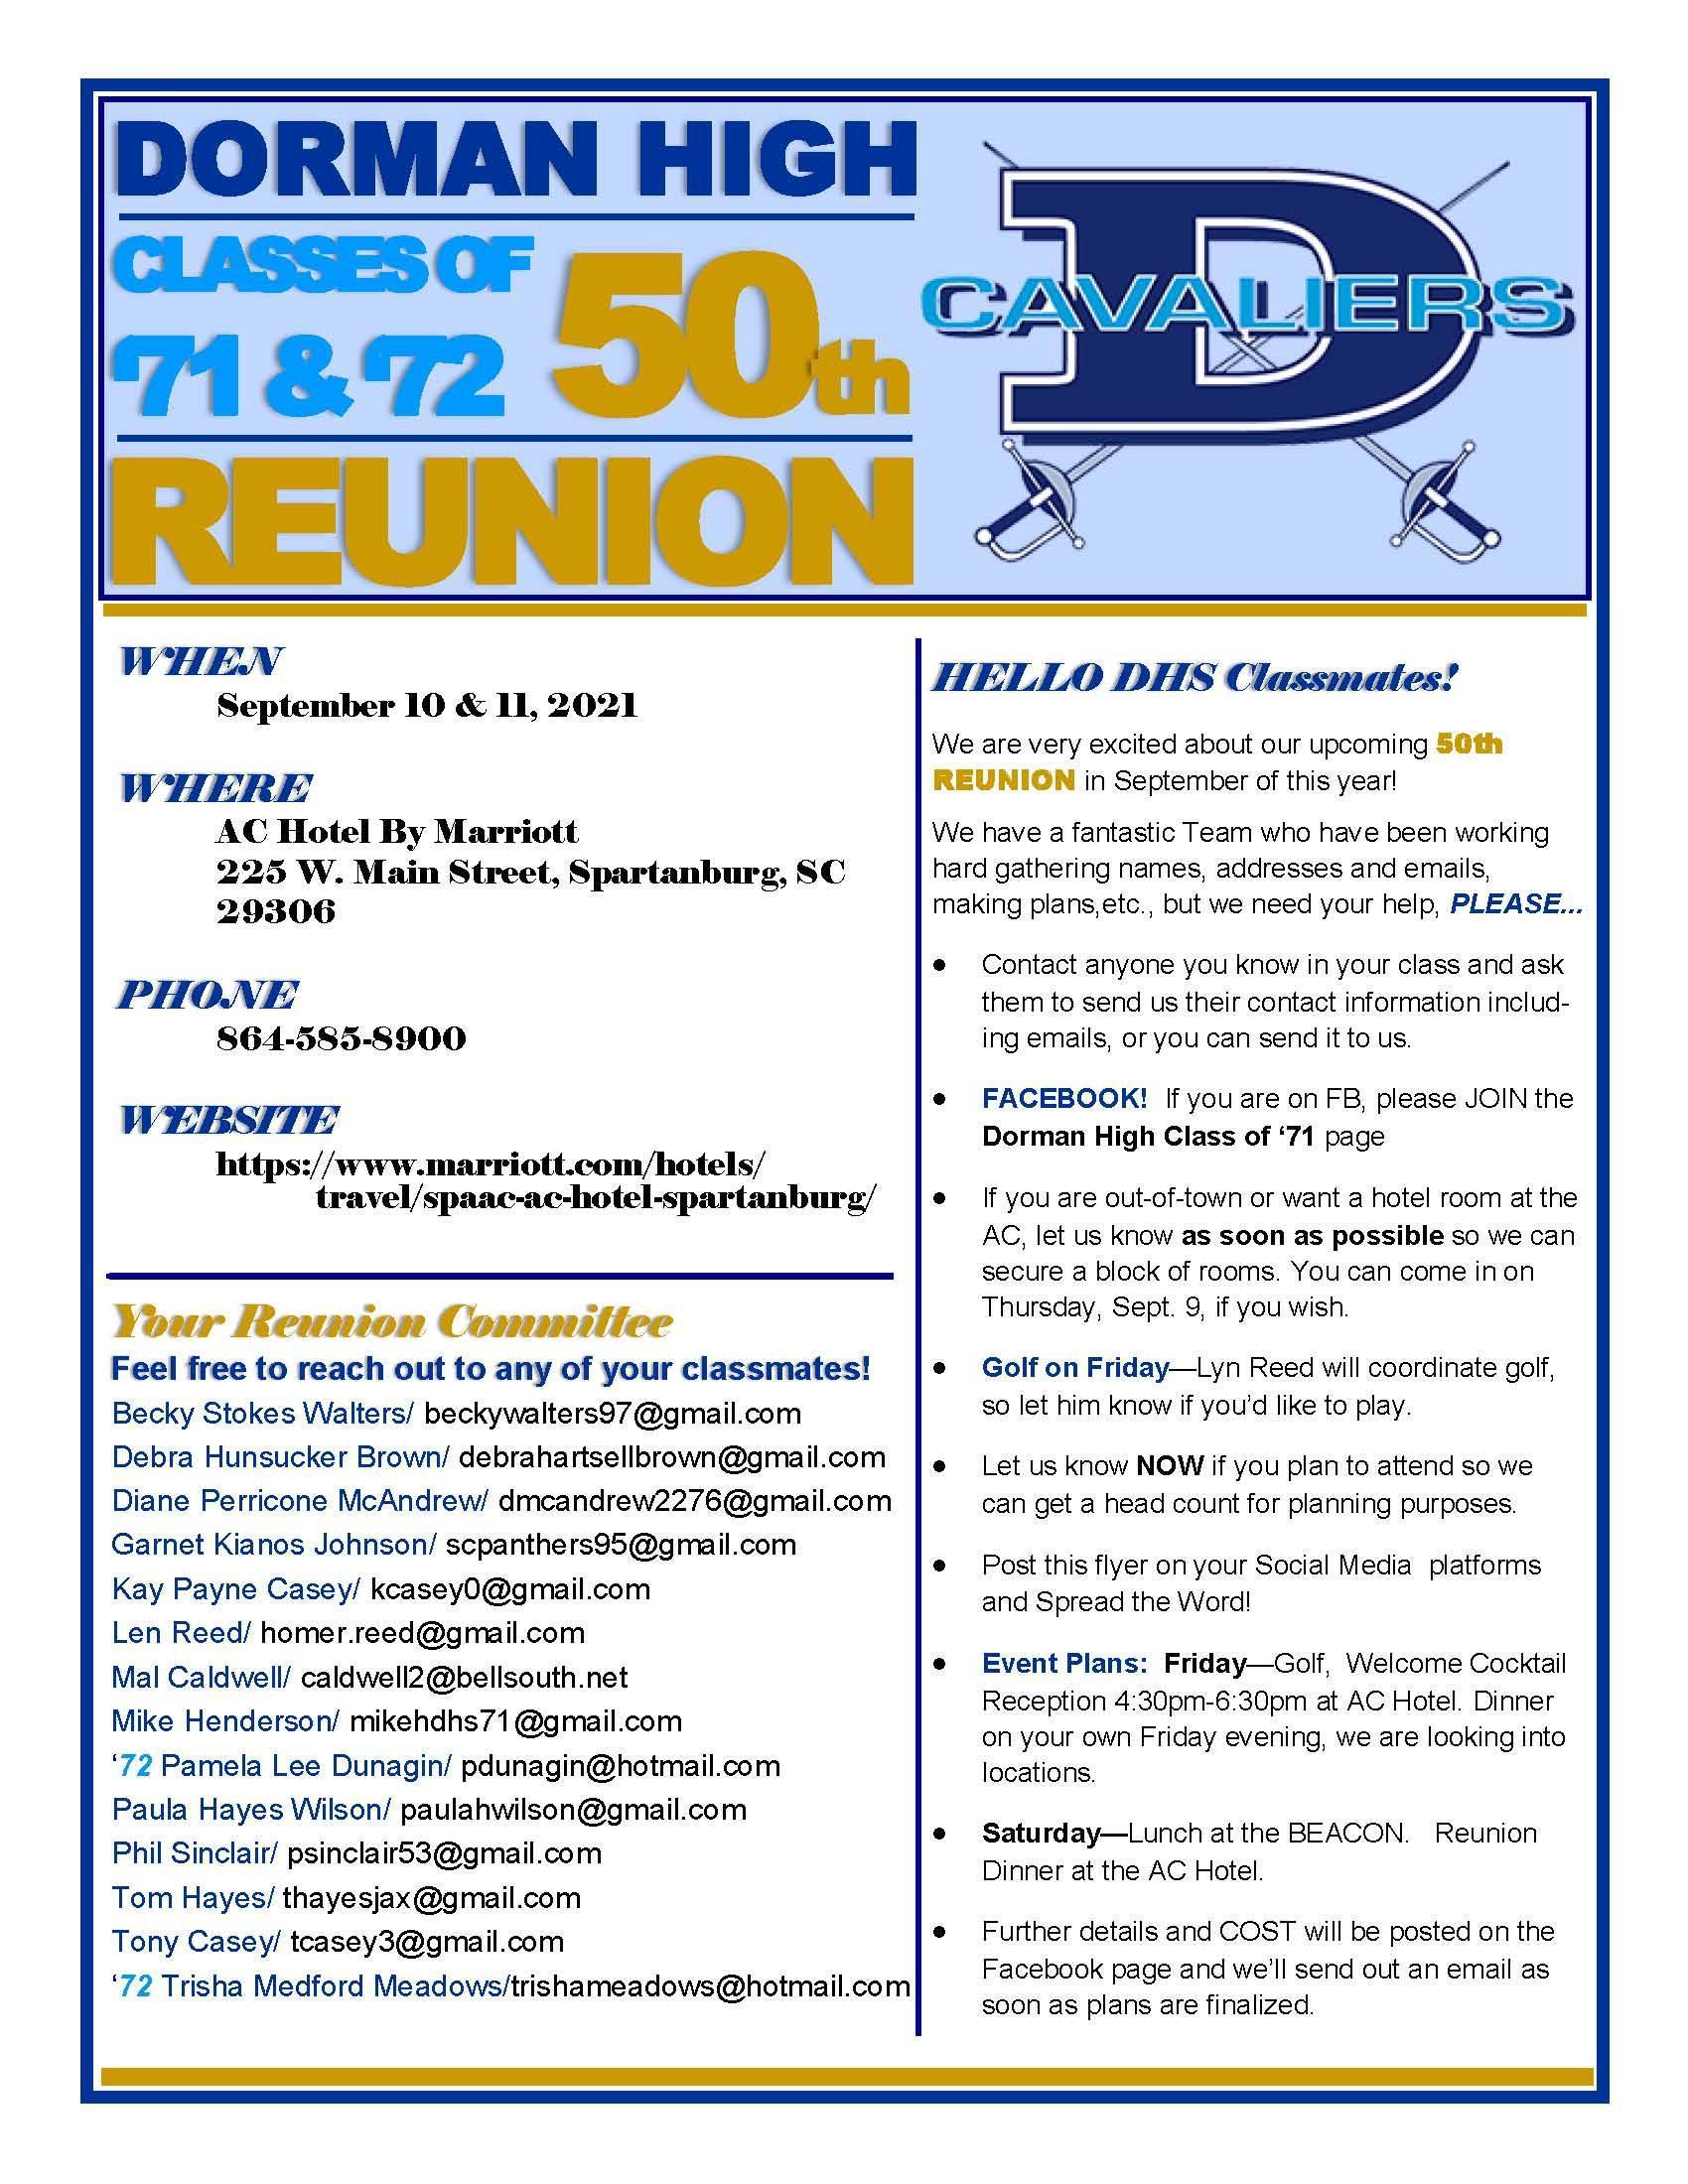 Class of 71 & 72 Reunion